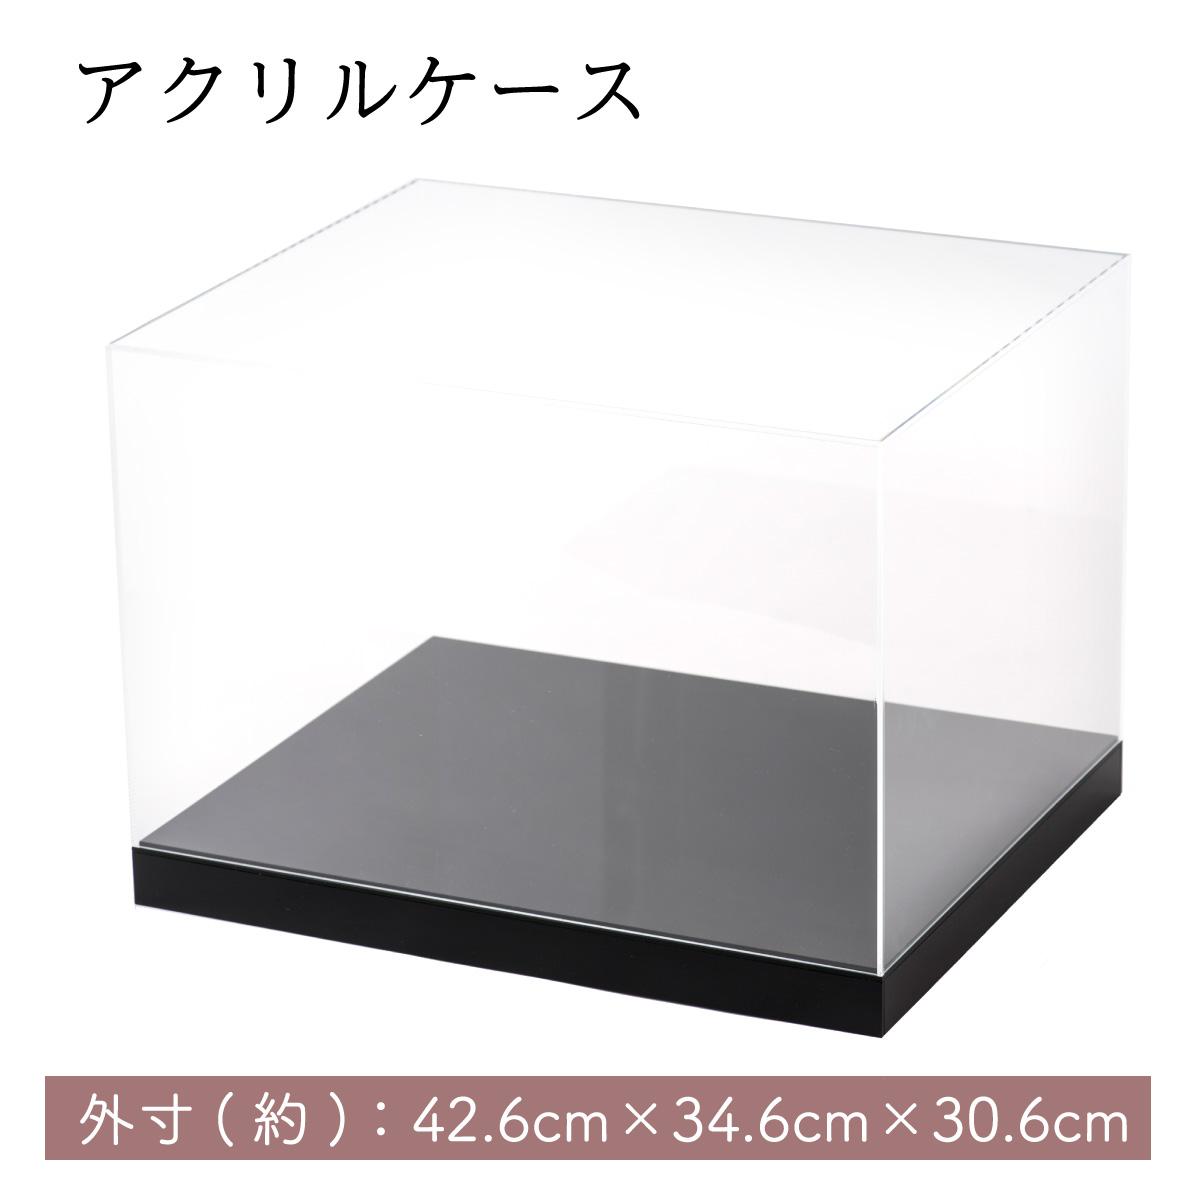 雛人形 ひな人形 五月人形 兜 収納飾り ケース飾り ちりめん コンパクト ミニ 小さい人形 飾りアクリルケース GH-1D ケースサイズ幅43*奥行35*高さ31